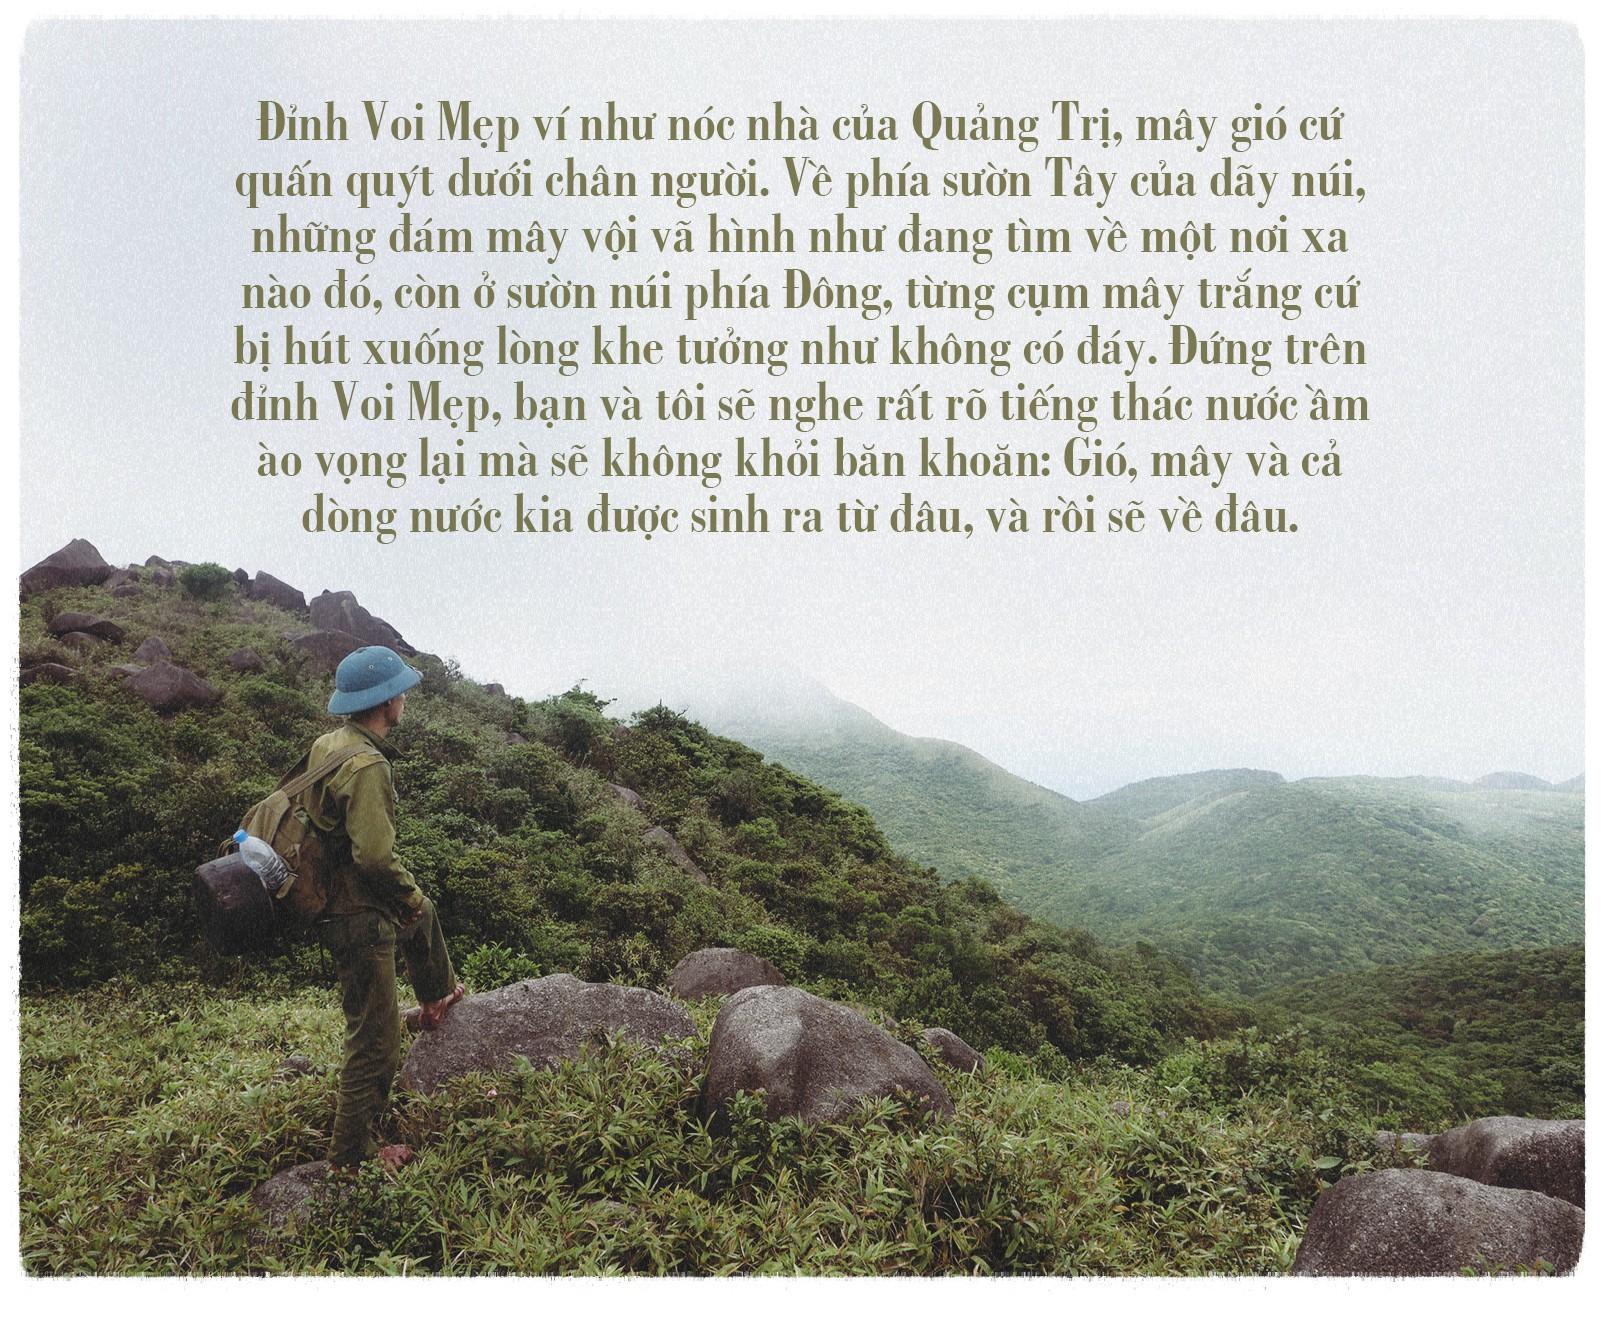 Ngược đỉnh Voi Mẹp, nóc nhà vùng đất lửa Quảng Trị - Ảnh 8.